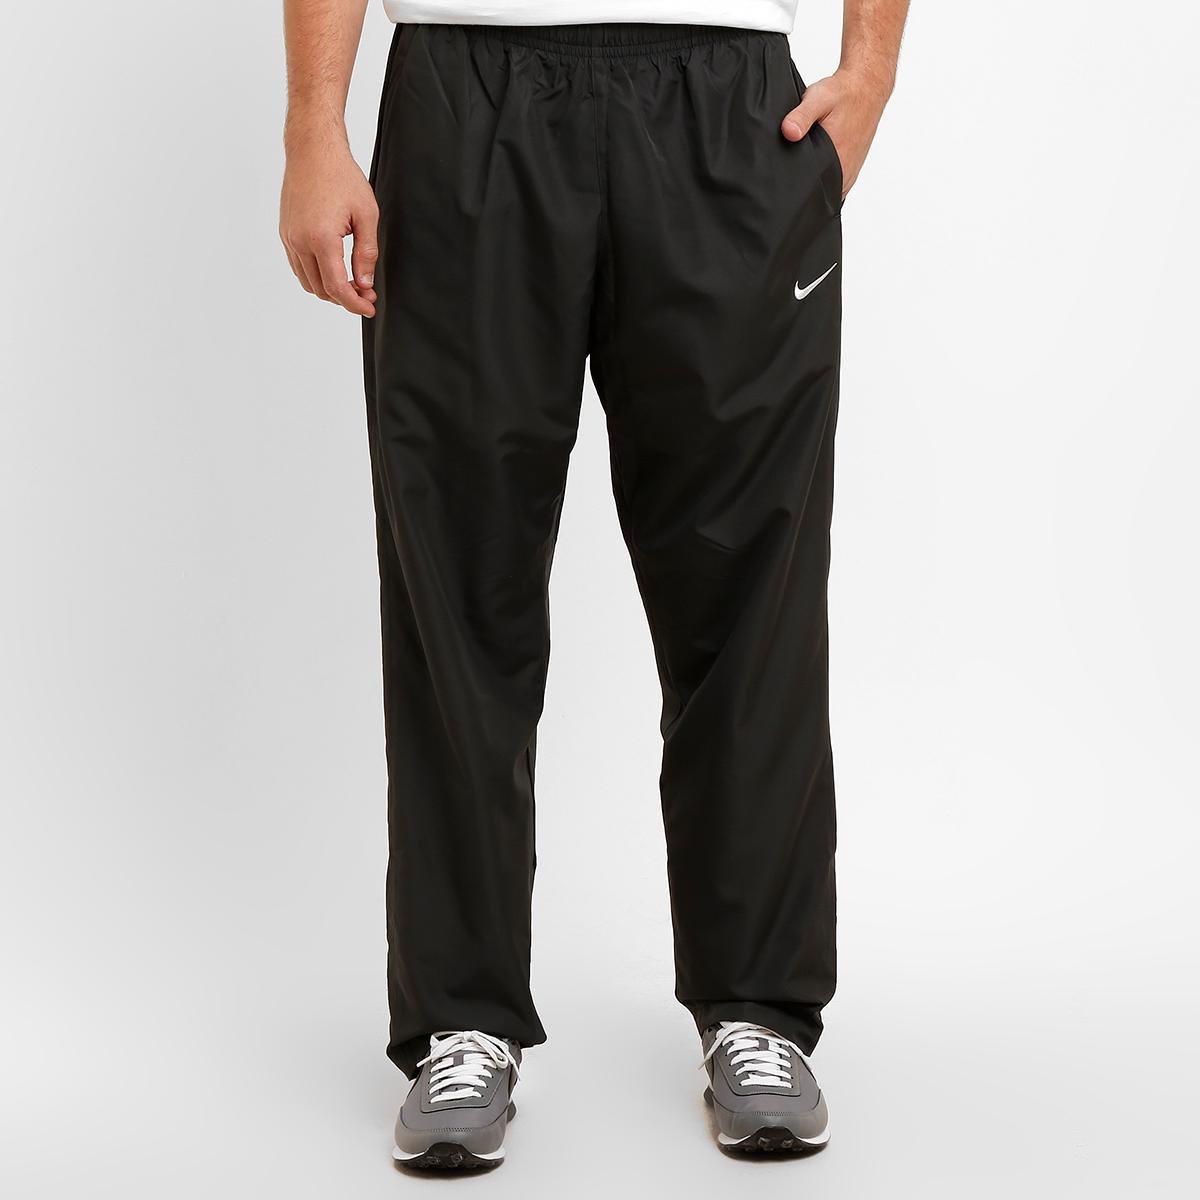 Calça Nike Season Swoosh - Compre Agora  5747c7efc8600